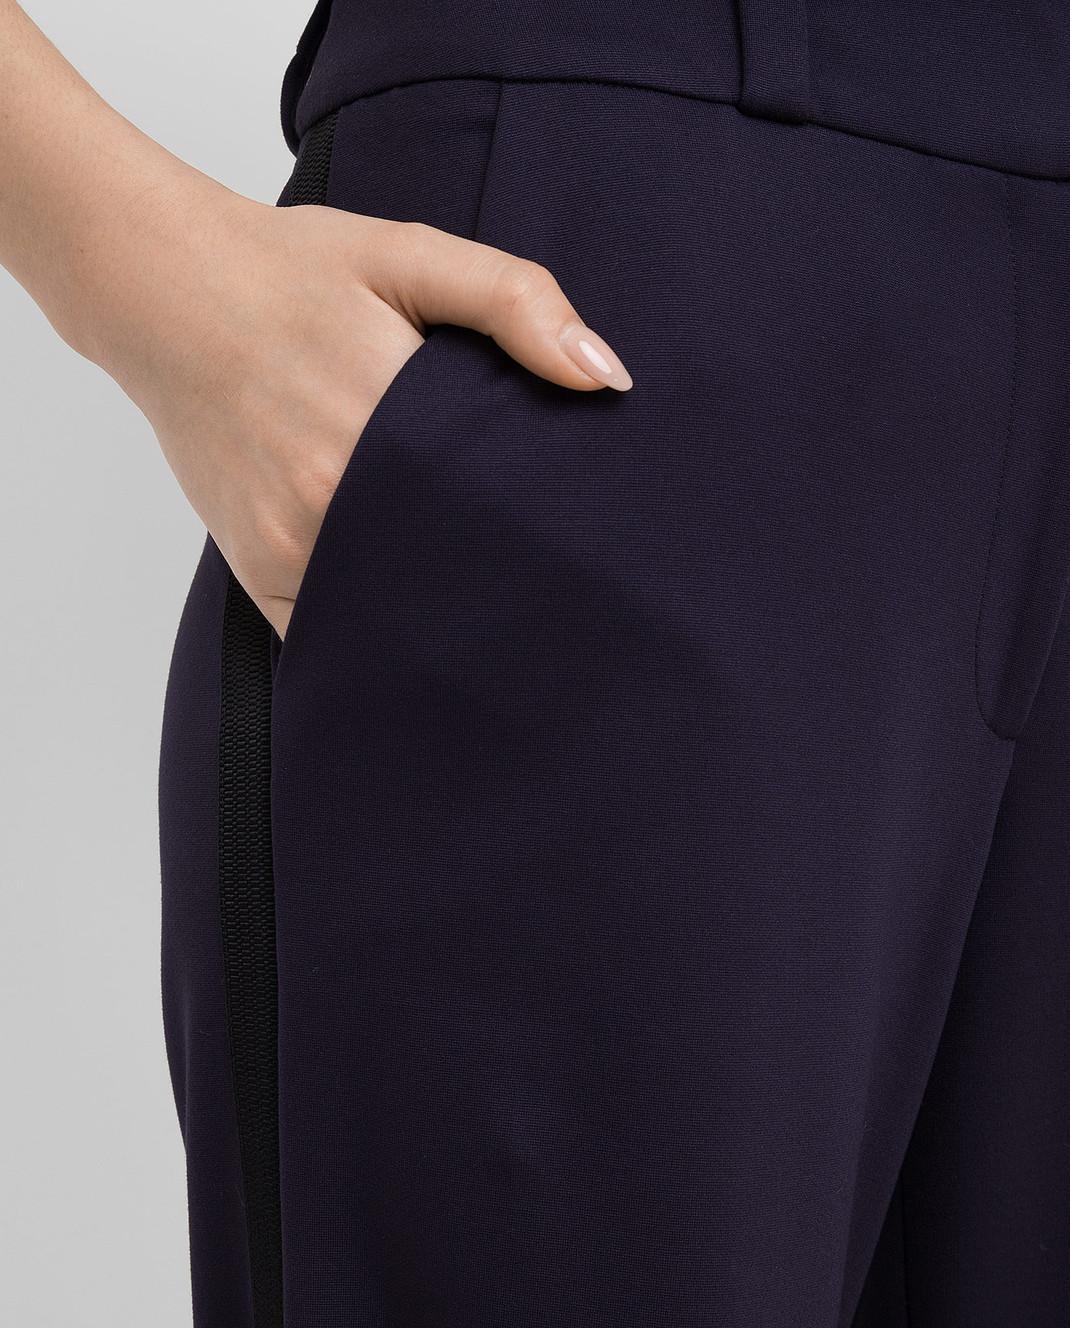 Maison Ullens Фиолетовые брюки PAN082 изображение 5